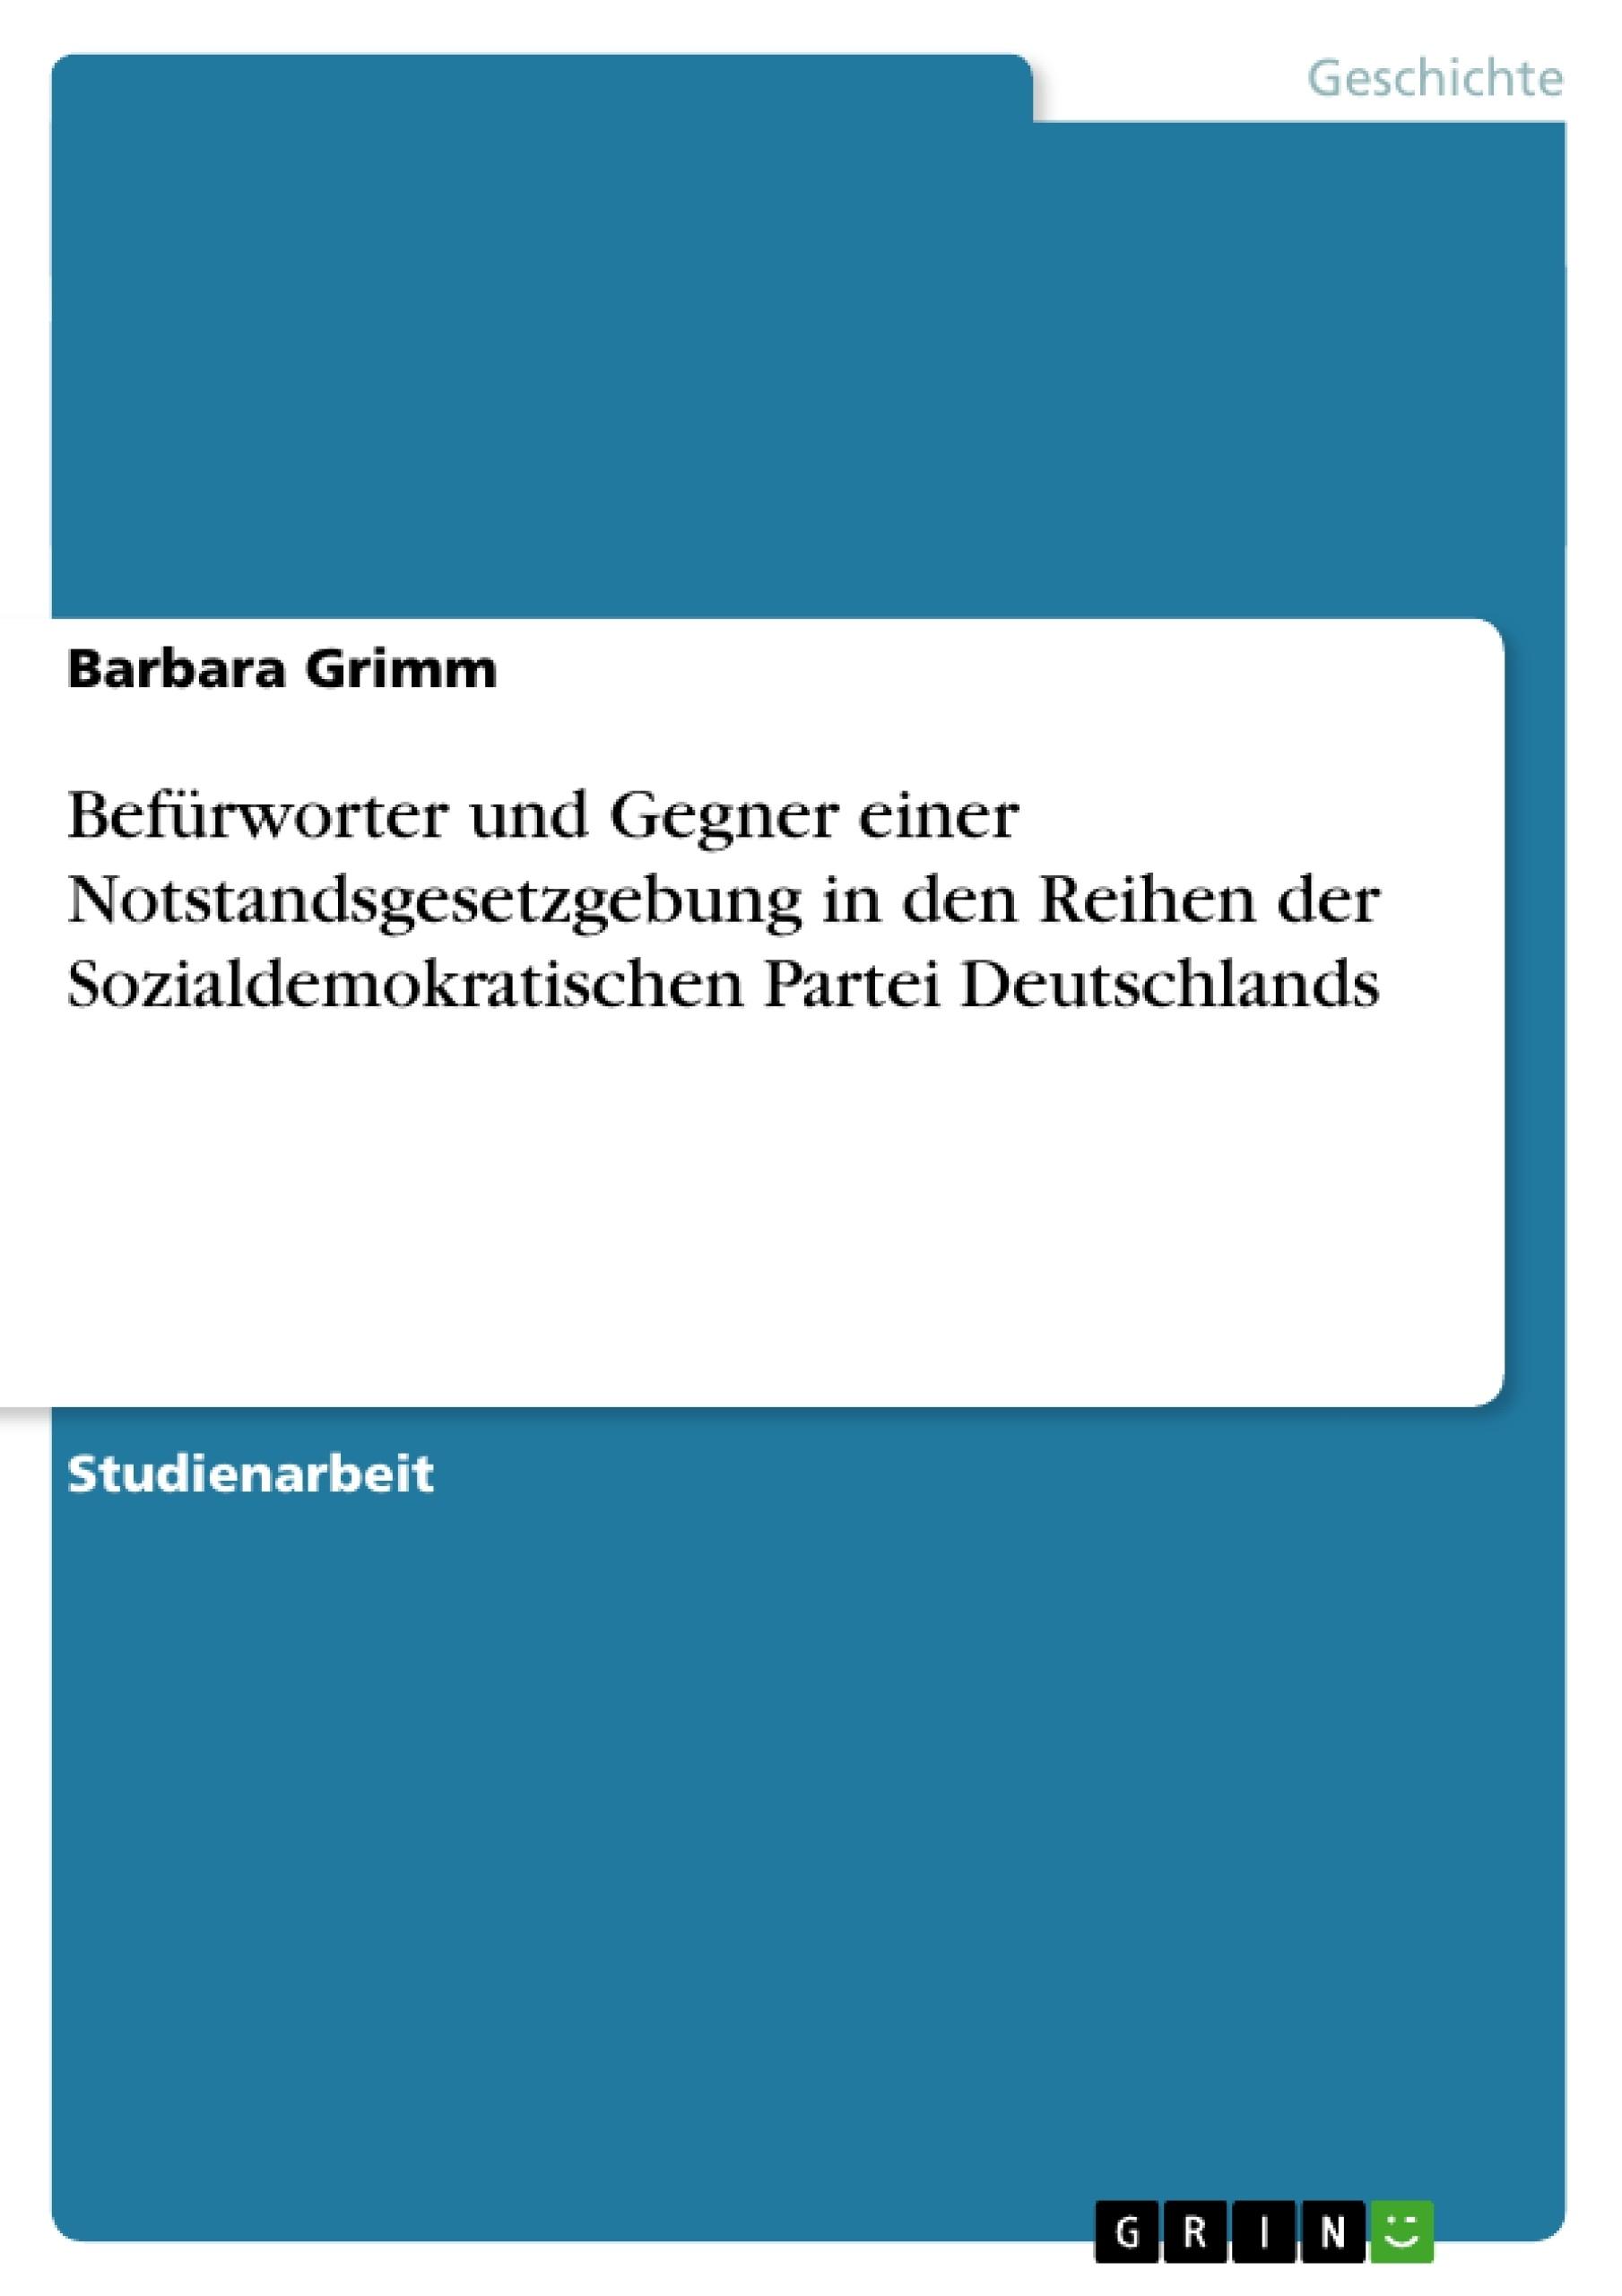 Titel: Befürworter und Gegner einer Notstandsgesetzgebung in den Reihen der Sozialdemokratischen Partei Deutschlands